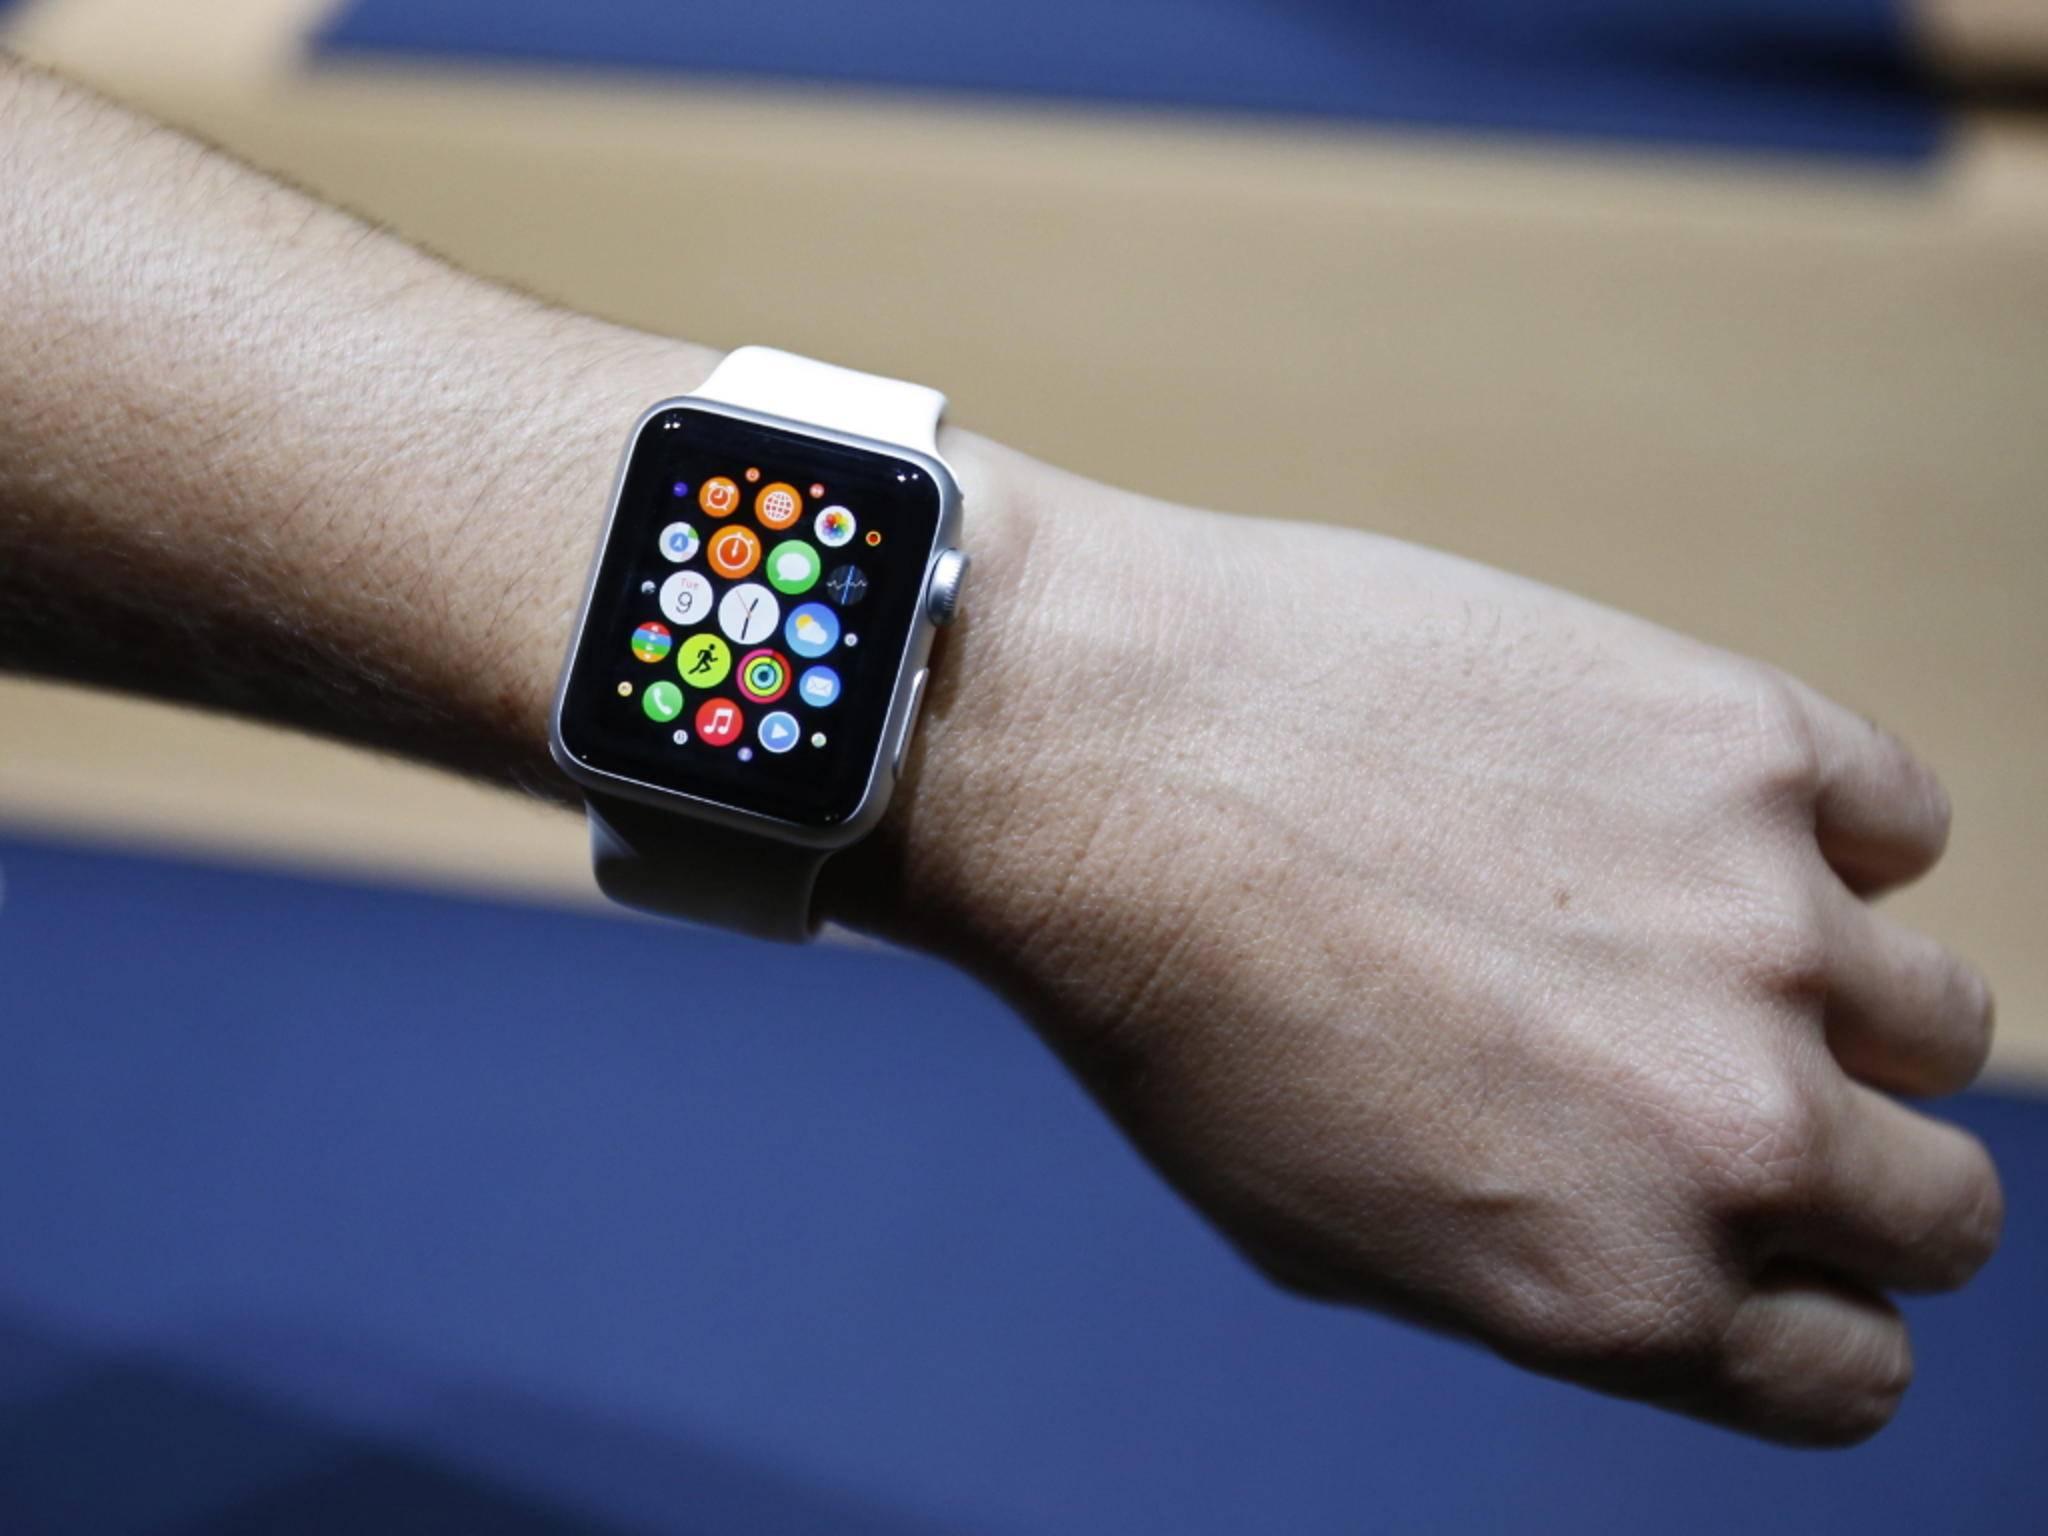 Von der Apple Watch sollen zum Release angeblich 30 bis 40 Millionen Stück produziert werden.